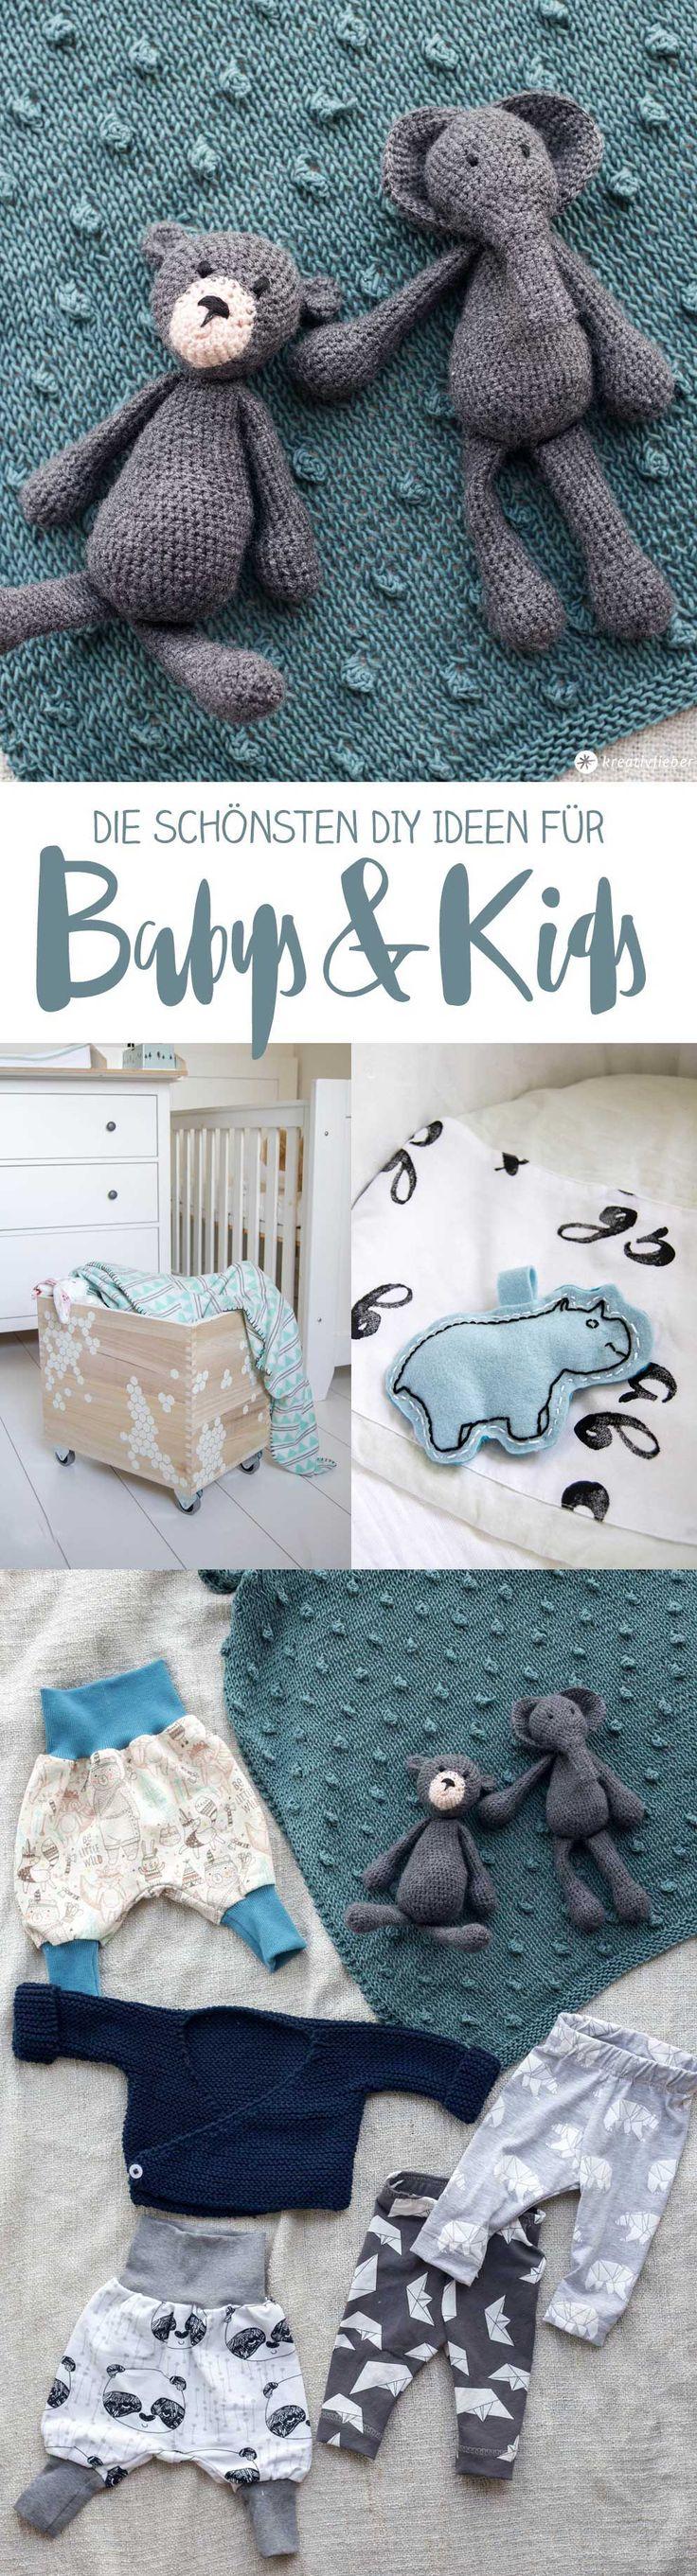 Die schönsten DIY Ideen für Babys und Kids DIY Geschenke für Babys diy